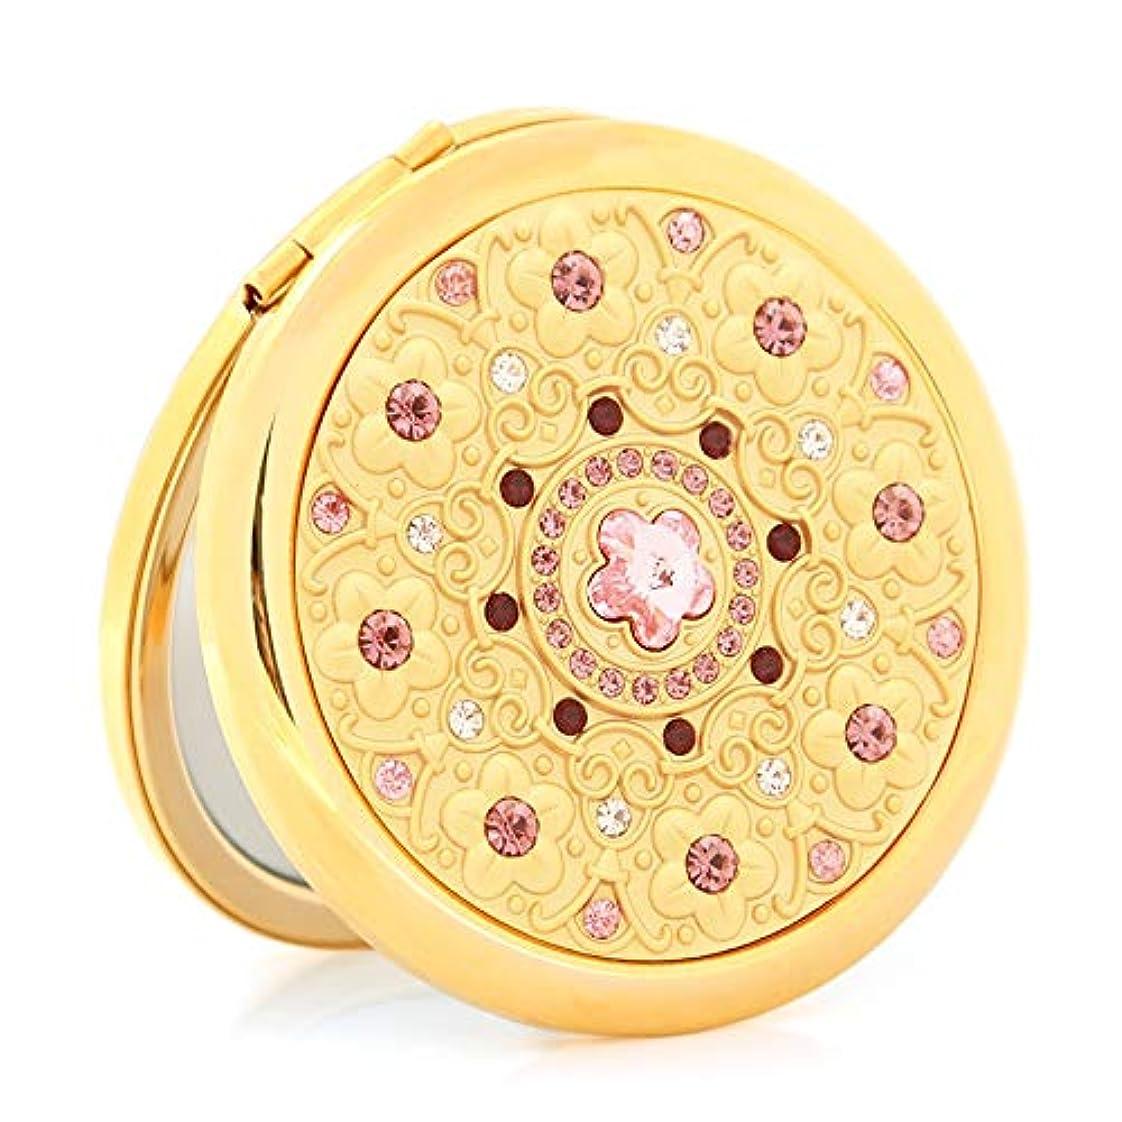 ターゲットスーツ熱意流行の ゴールドポータブルHD化粧鏡ポータブル折りたたみ両面小さなミラーのガールフレンドバレンタインデーの贈り物